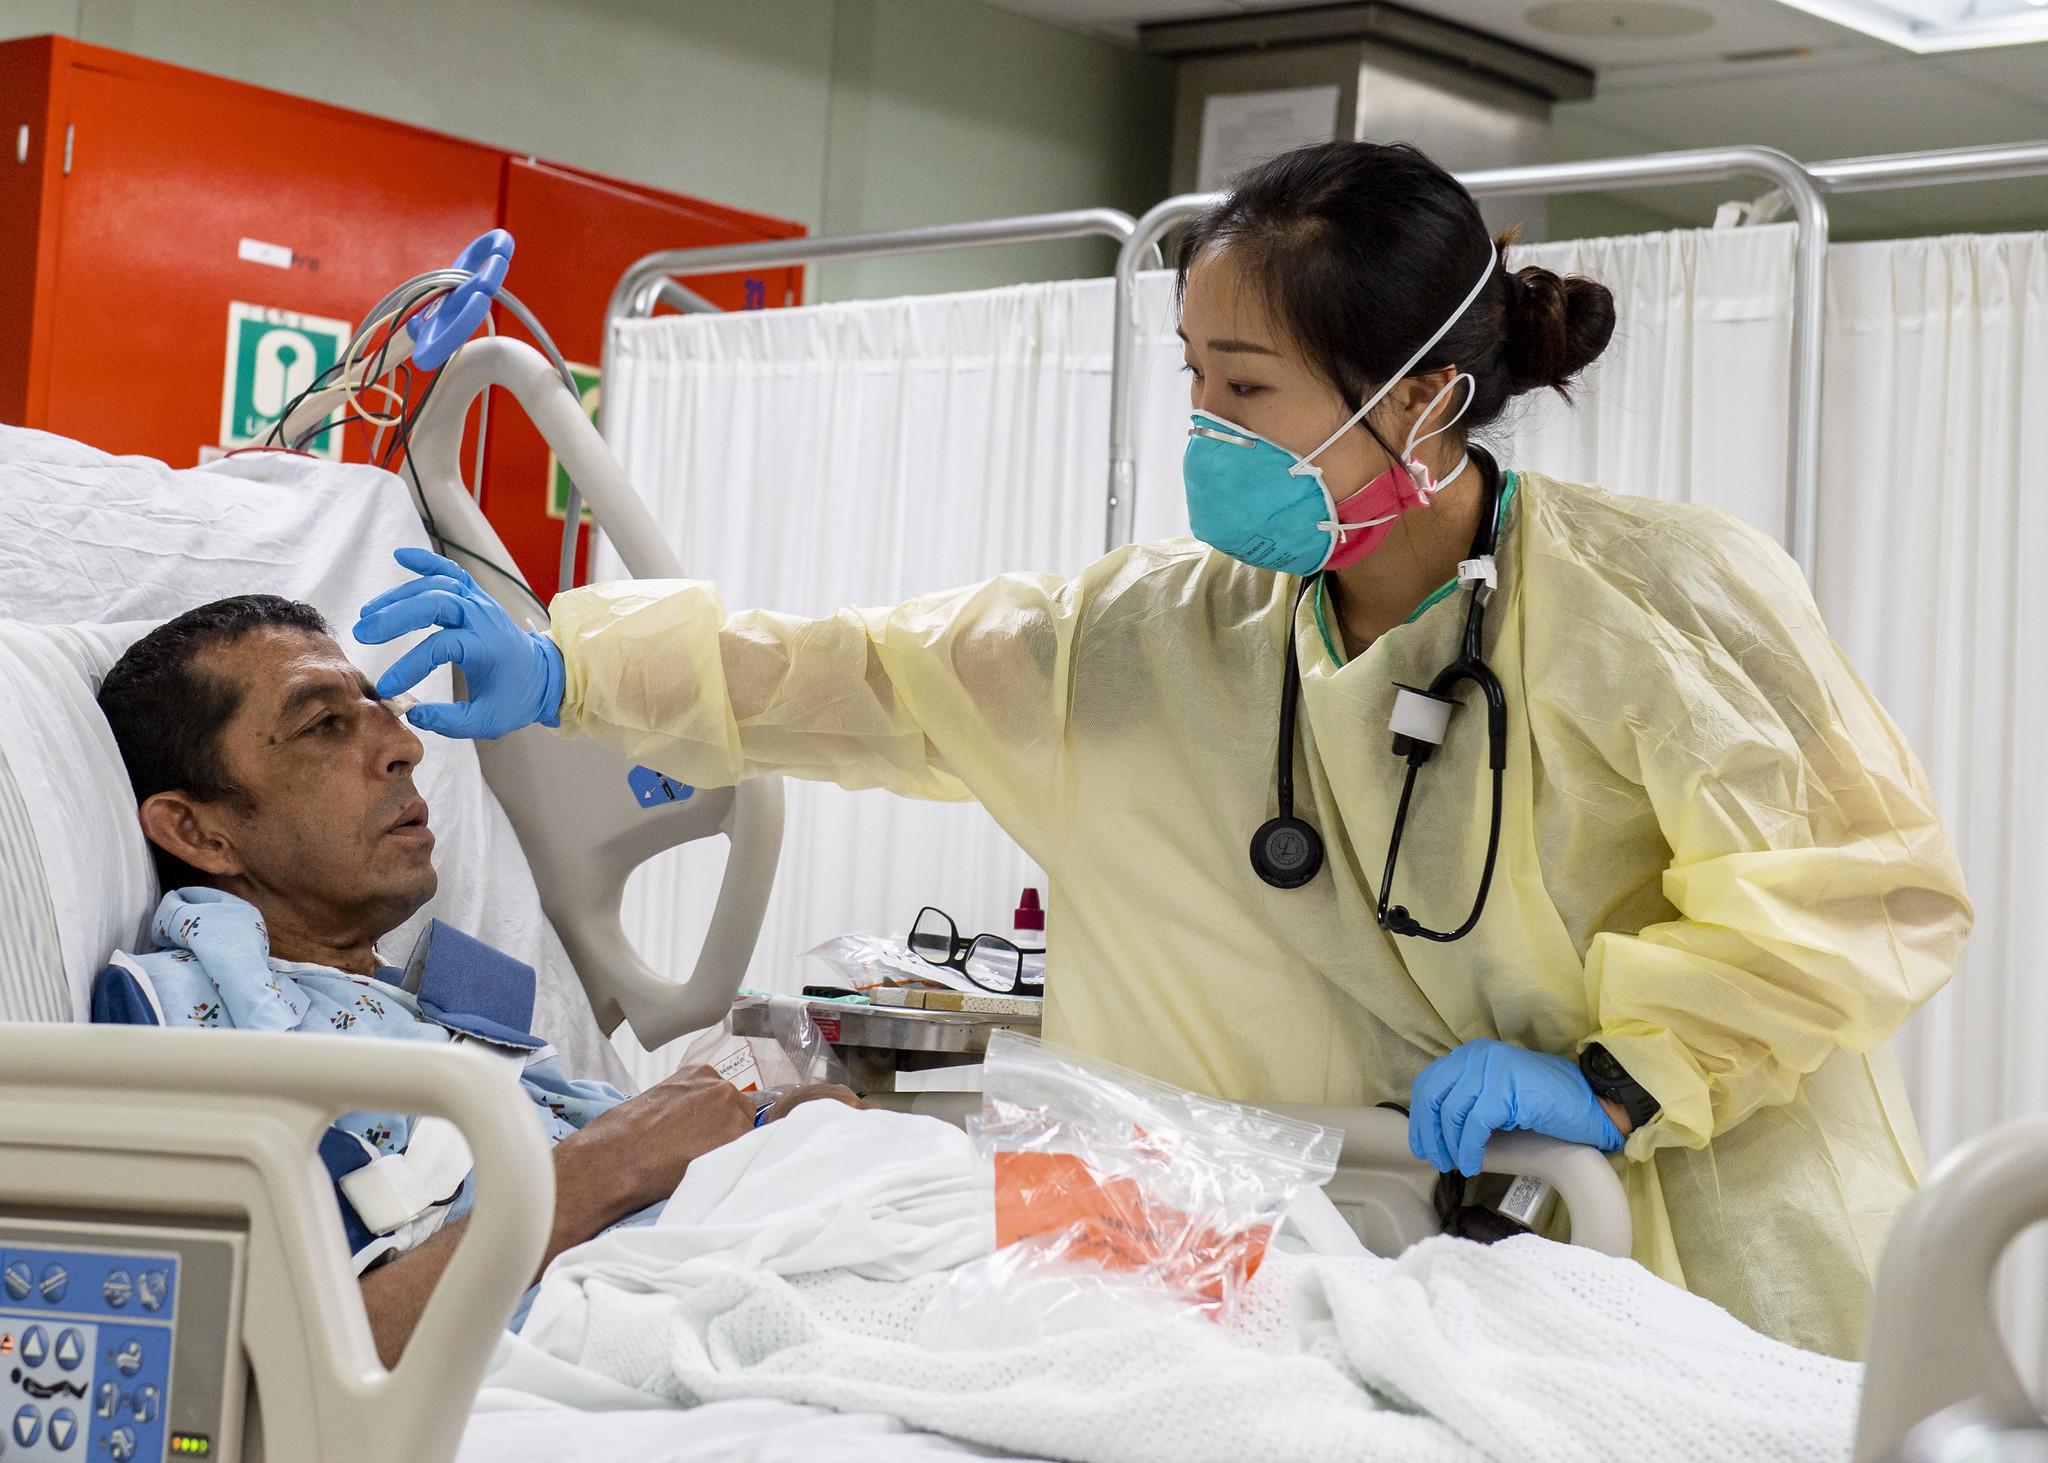 談笑間面對別人的生老病死,這就是所謂的護理專業?!- ICU加護病房